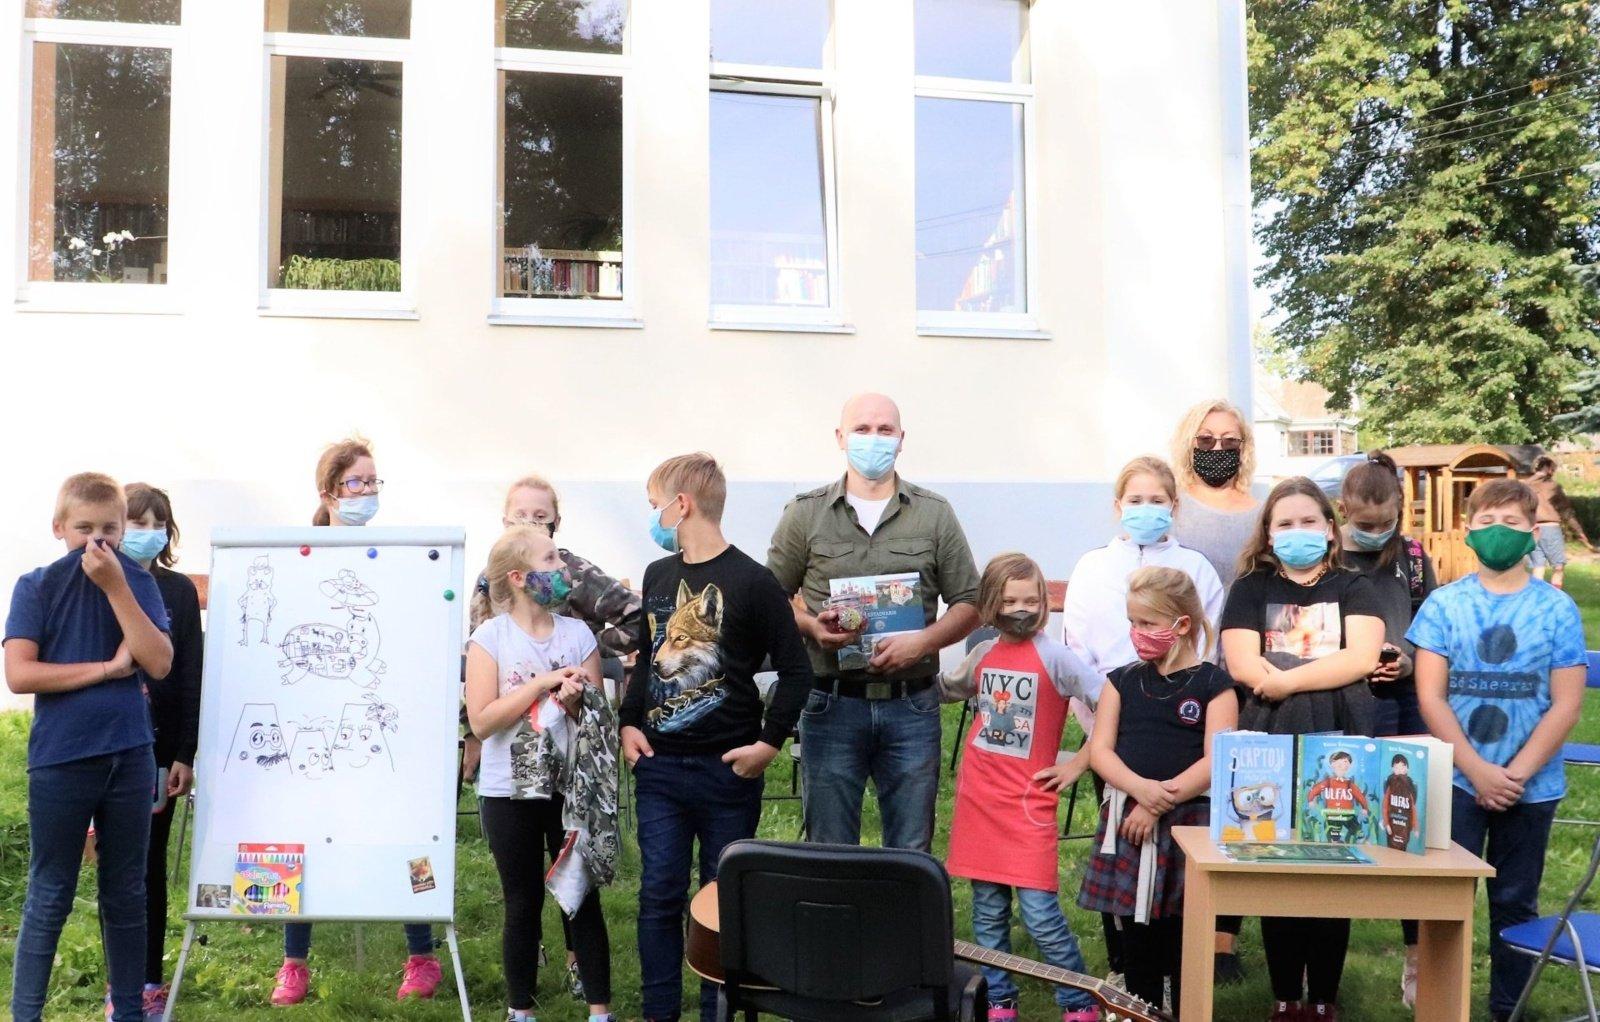 Kelionė fantazijos keliais su rašytoju Virgiu Šidlausku